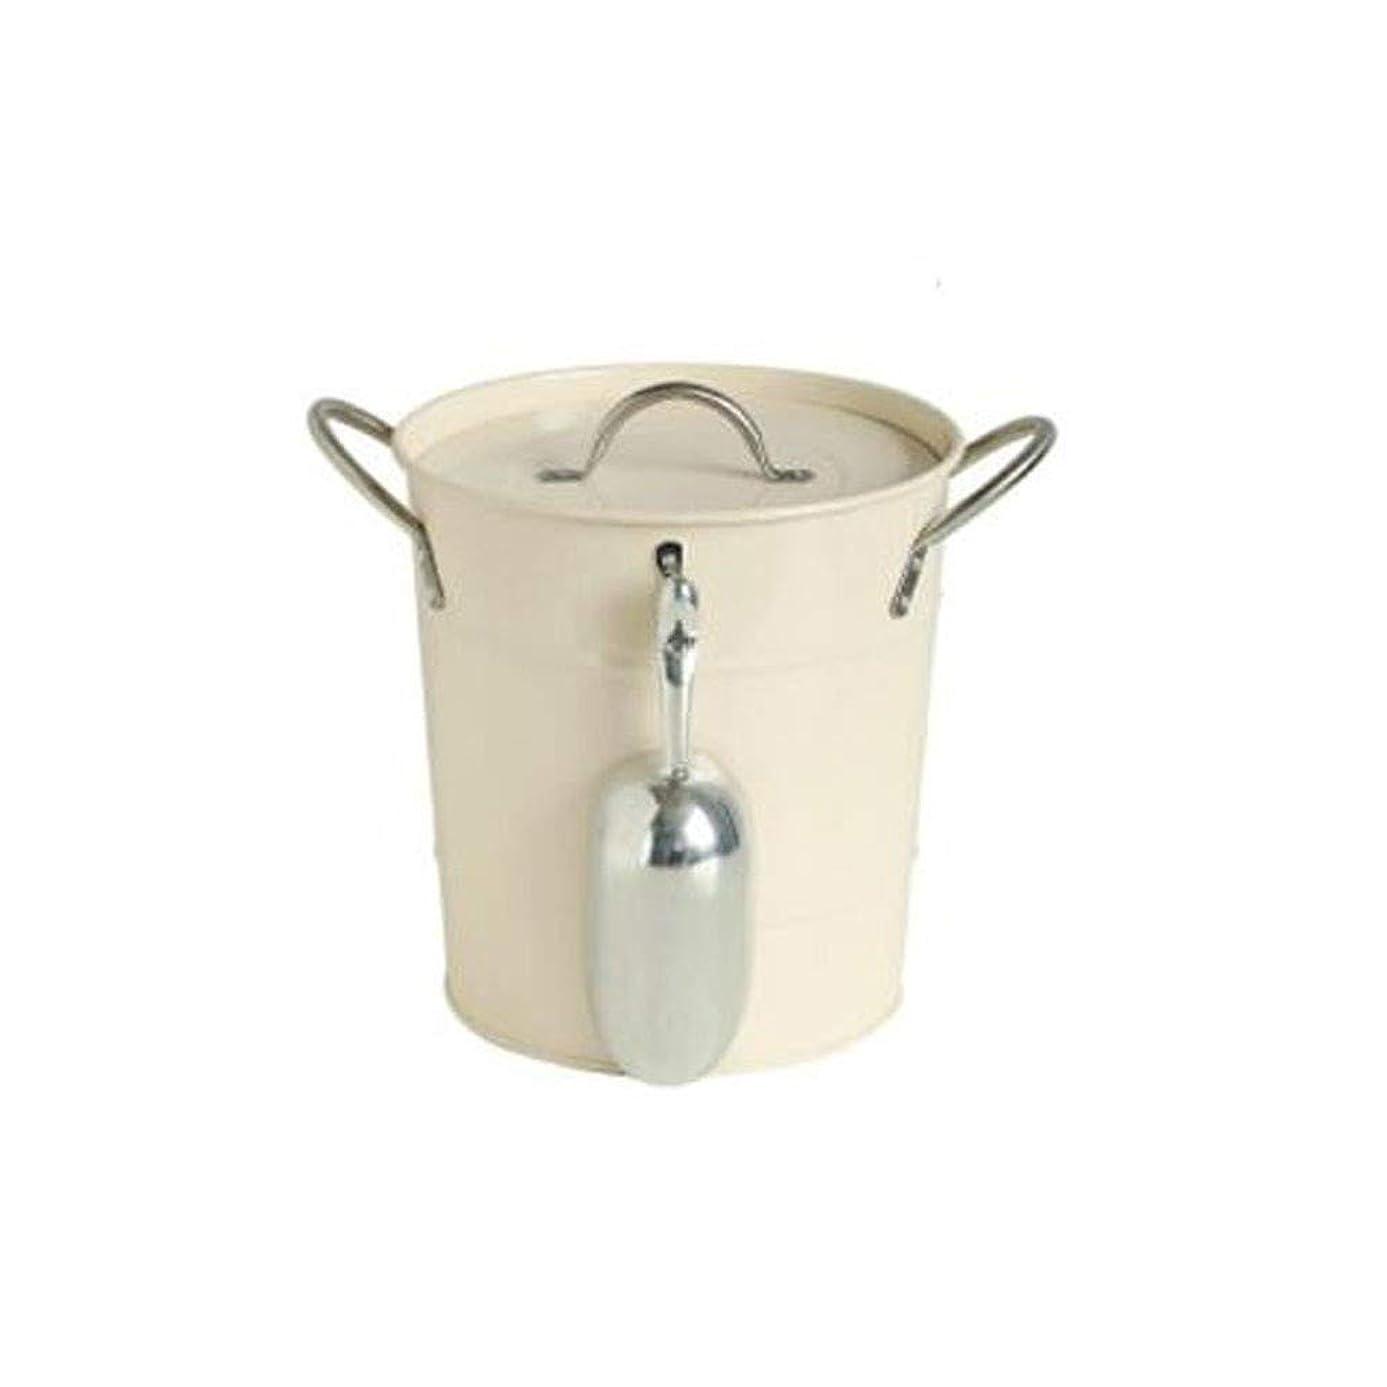 人道的クリア音MEIYUFUZHUANG-A アイスキューブ、氷の水、冷たいビール、赤ワインなど、3.4Lの大容量のための二層ポータブルアイスバケット Ice bucket, dining and entertainment, home kitchen (Capacity : 3.4L, Color : White)